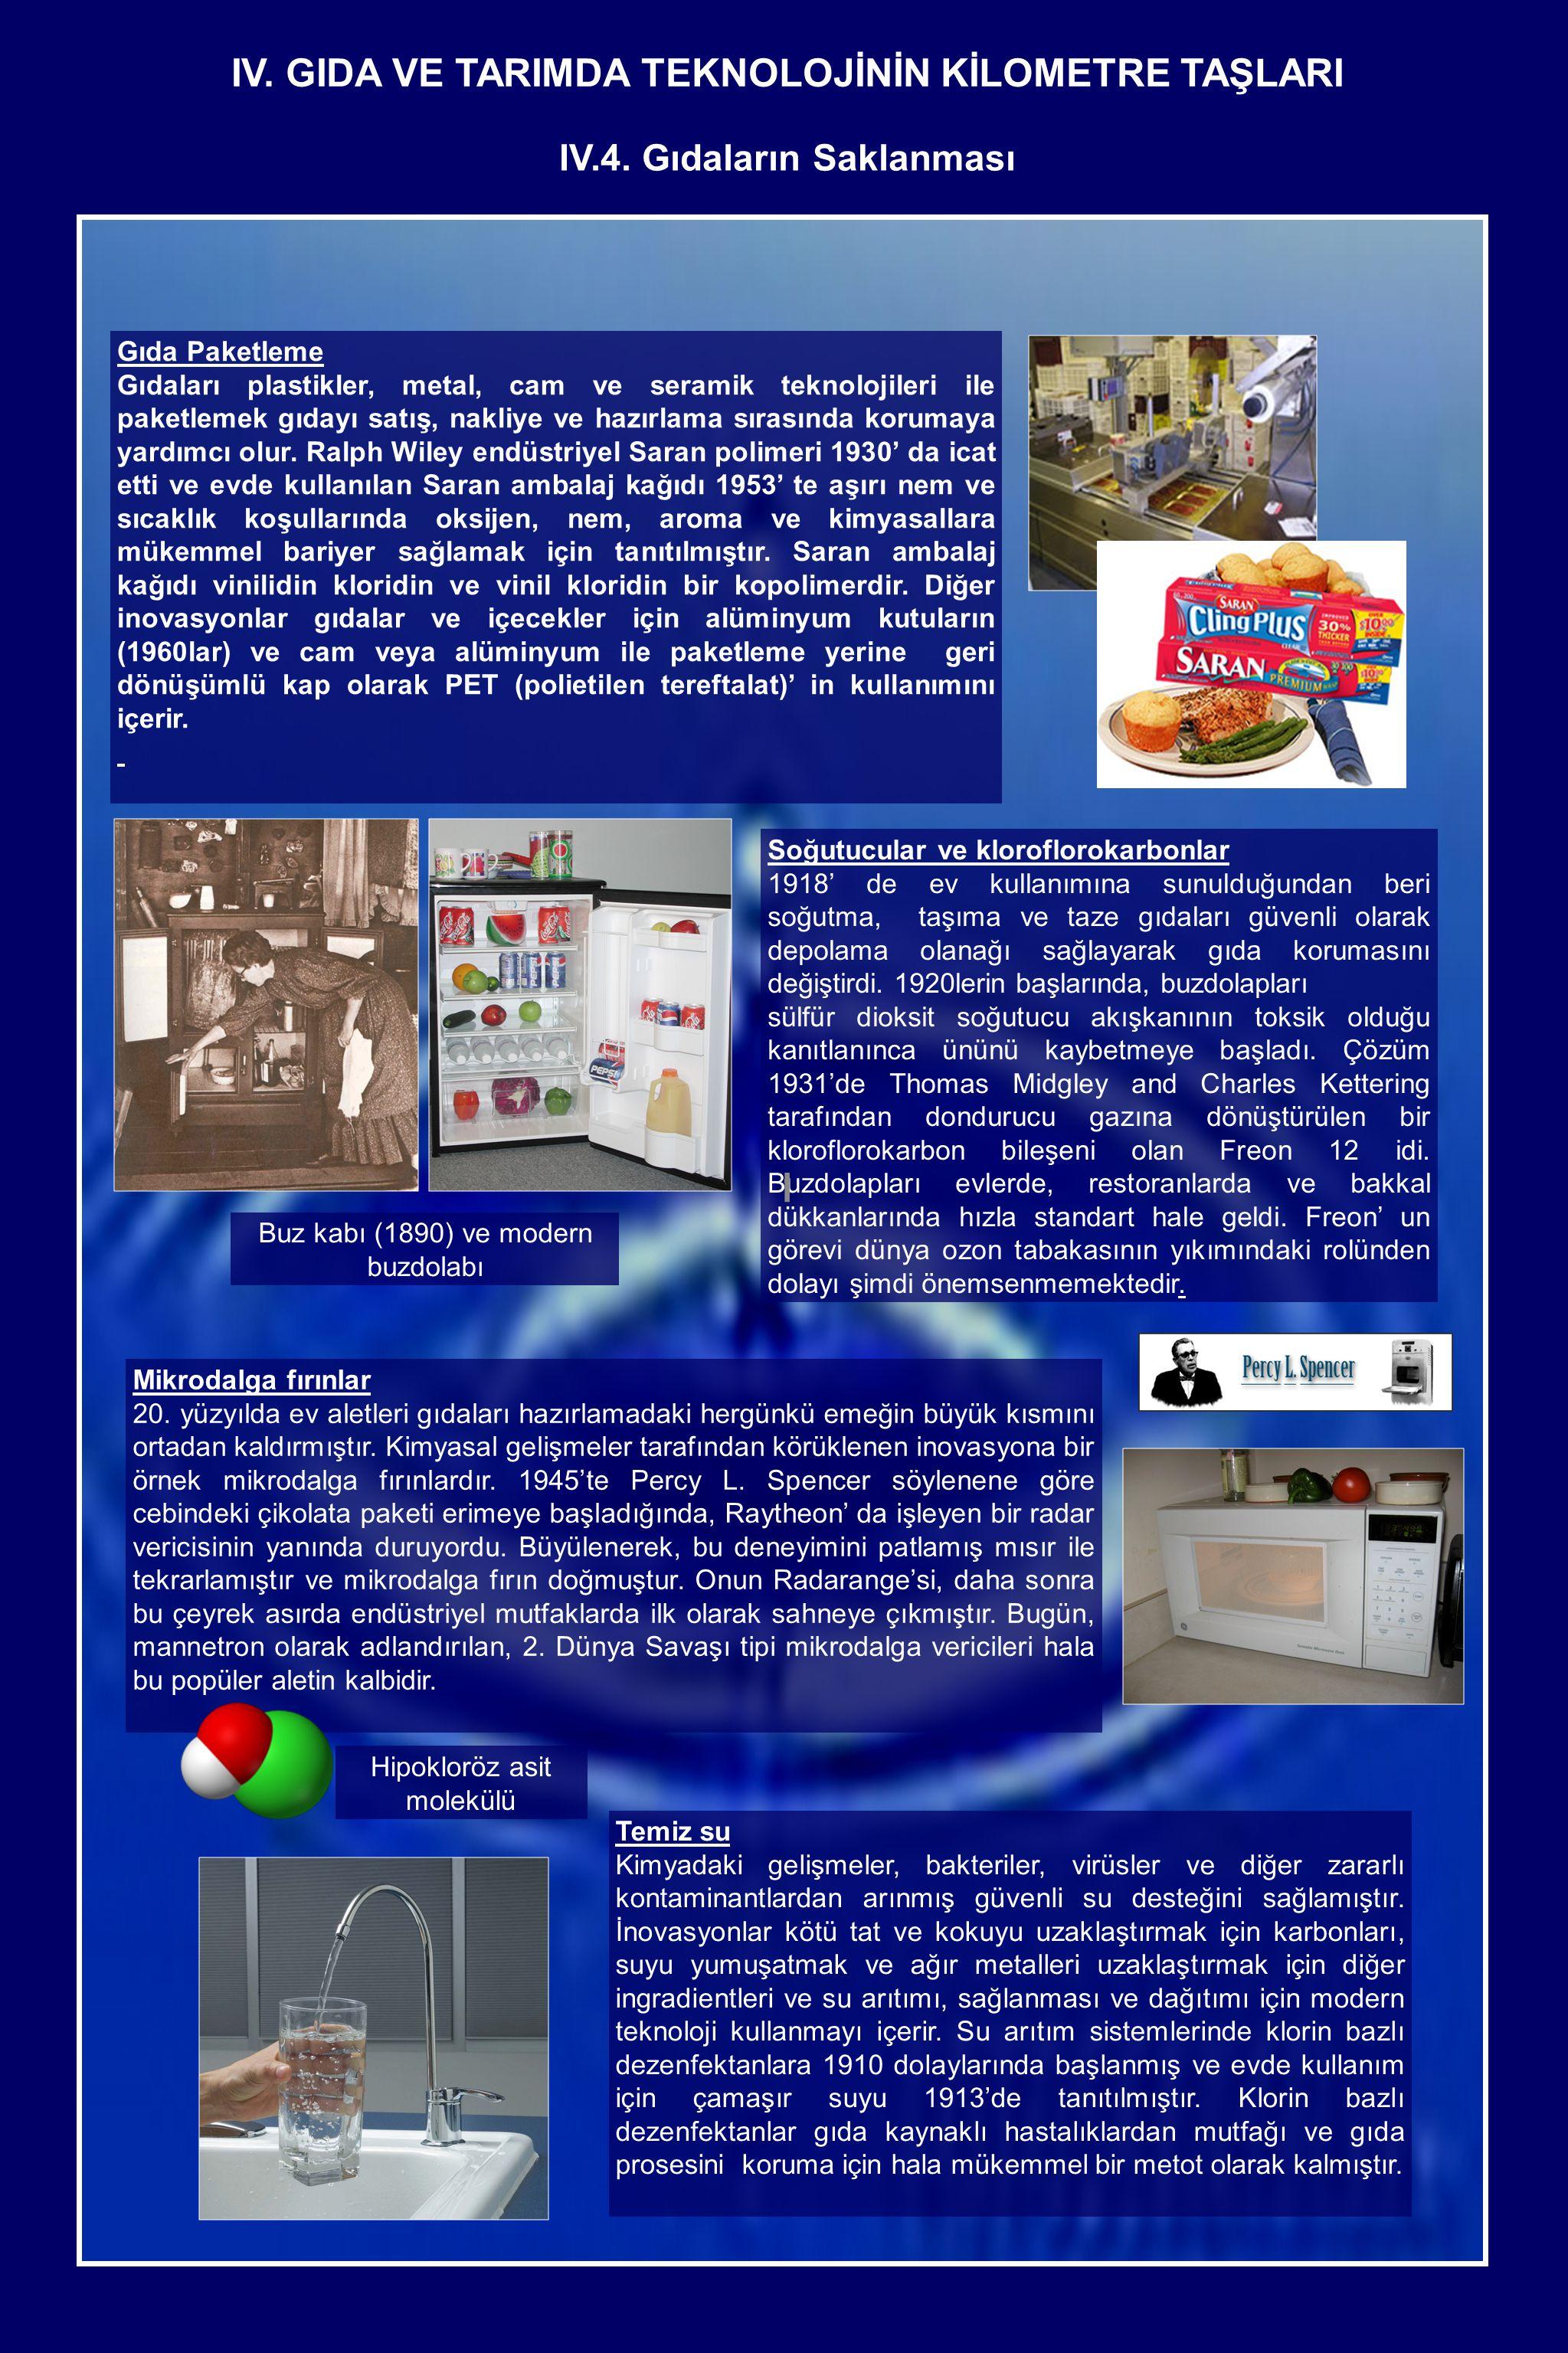 Gıda Paketleme Gıdaları plastikler, metal, cam ve seramik teknolojileri ile paketlemek gıdayı satış, nakliye ve hazırlama sırasında korumaya yardımcı